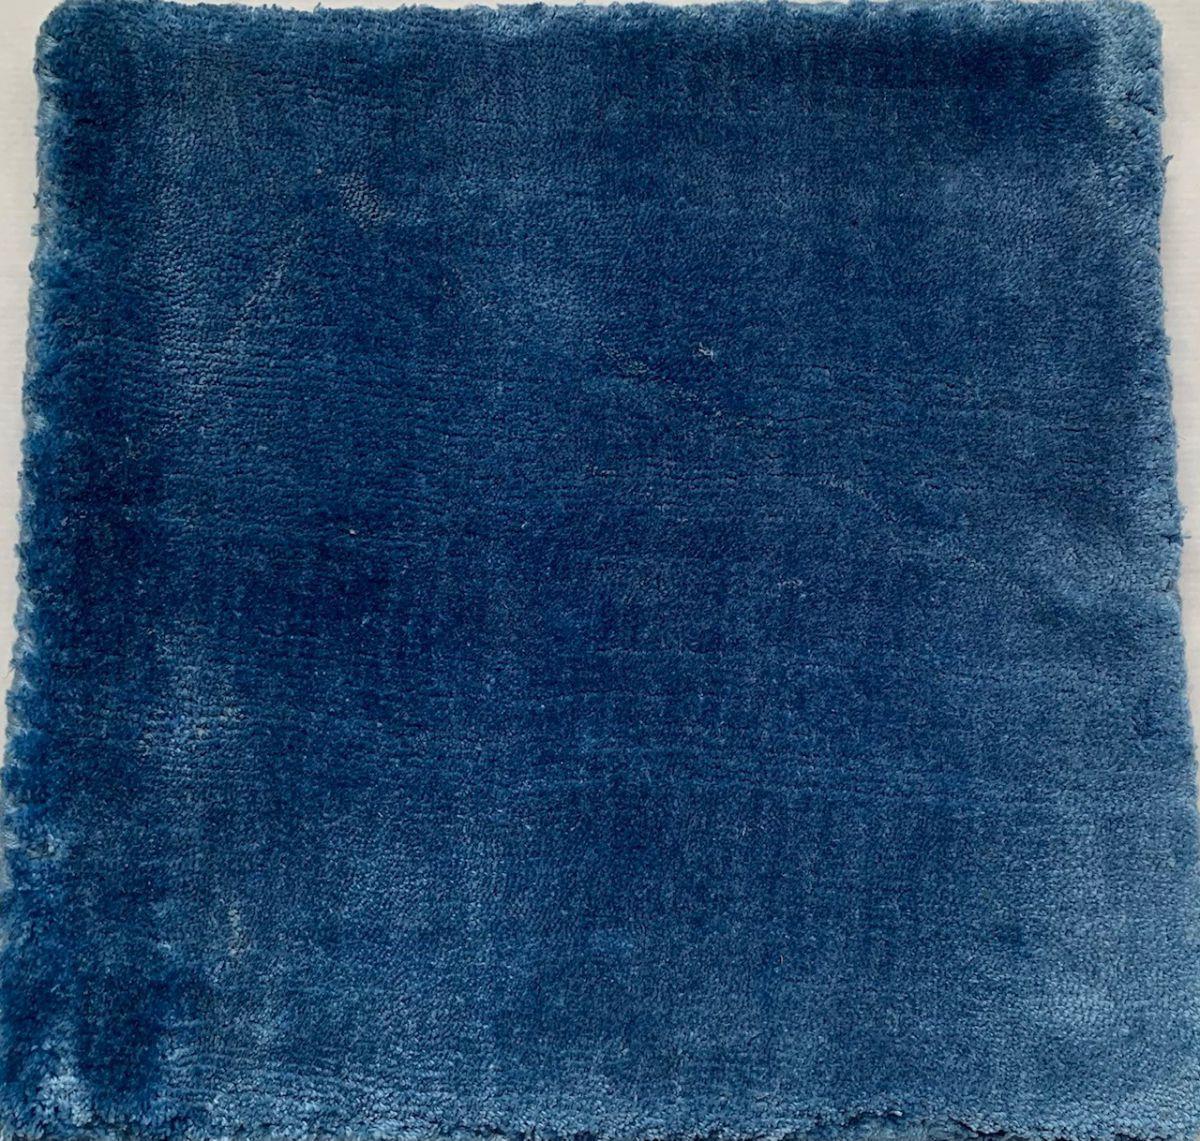 vloerkleed tencel 150cm blauw